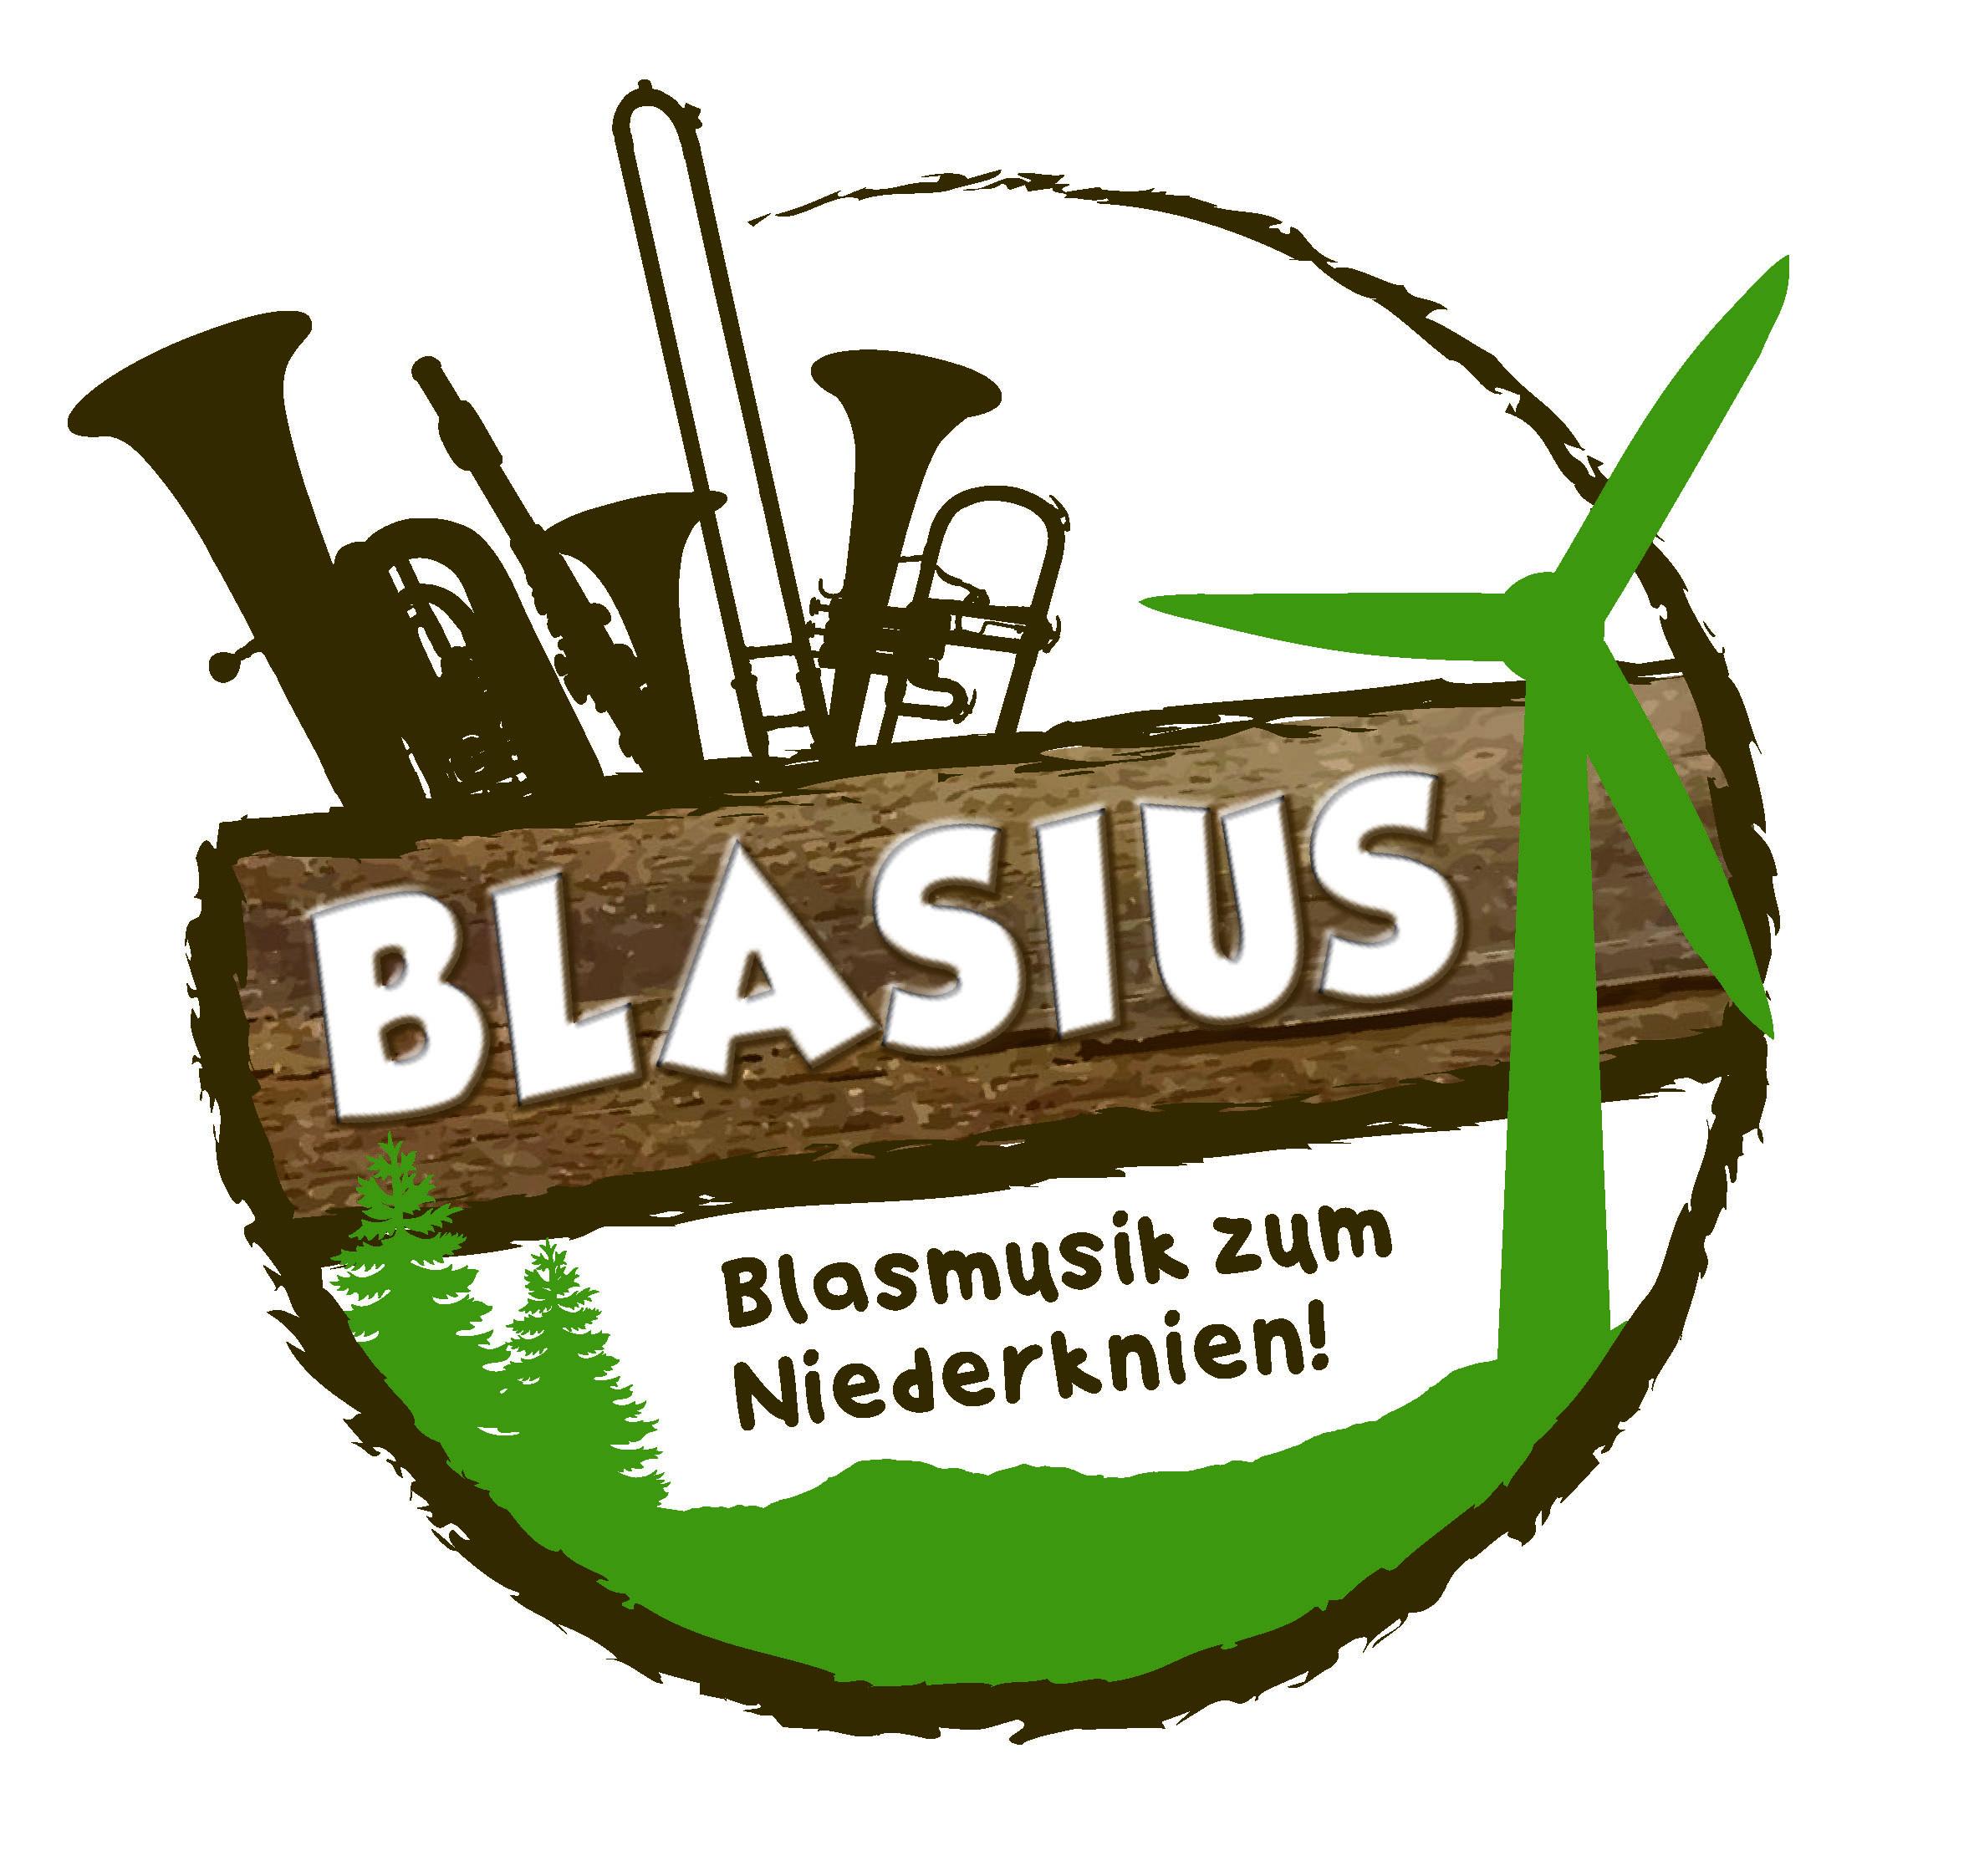 BLASIUS-Festival